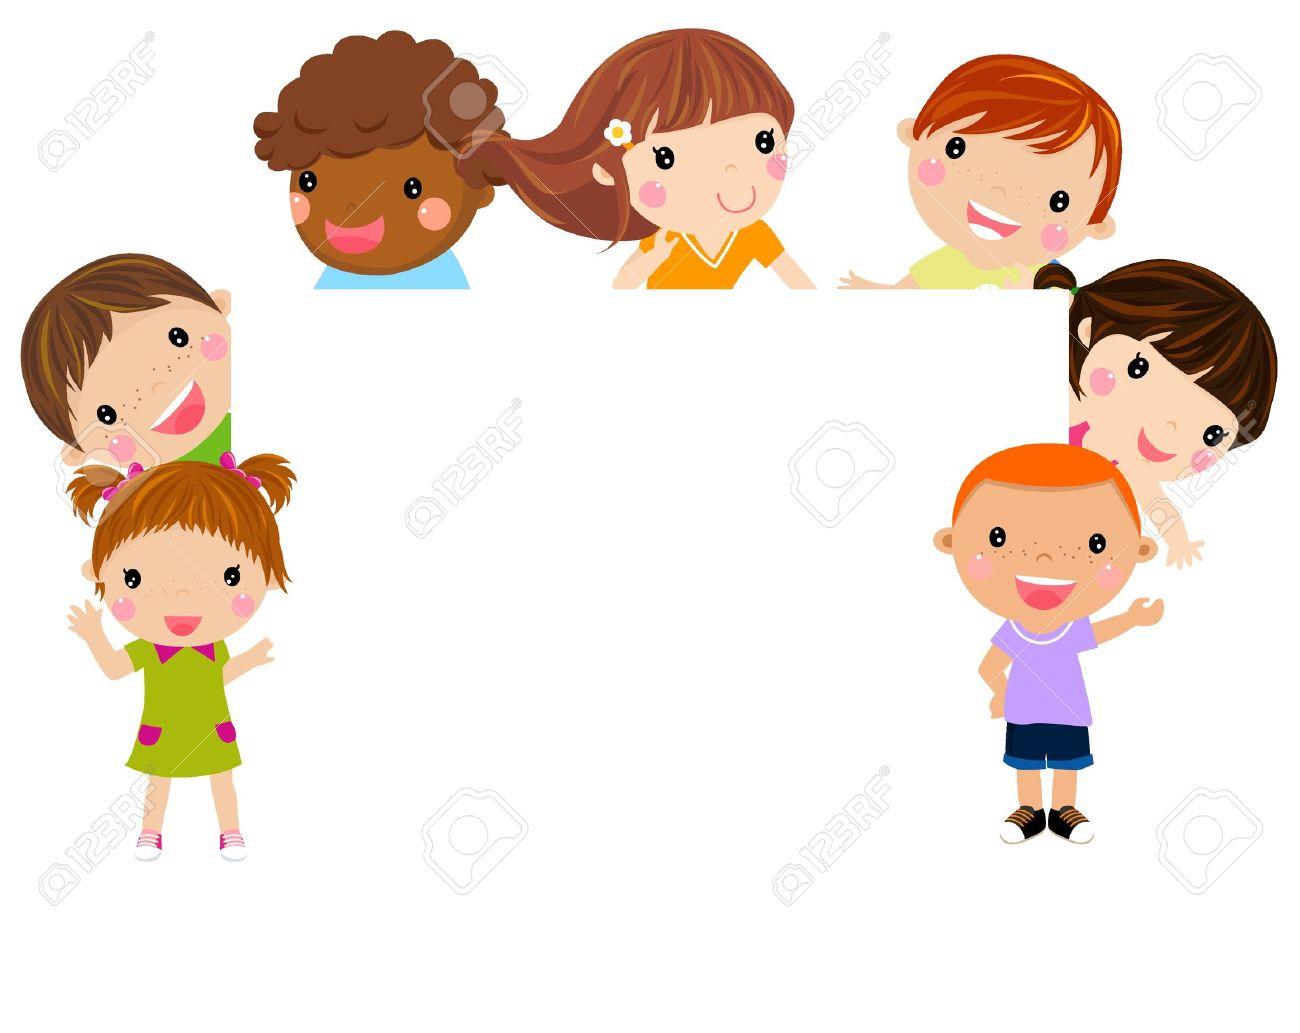 Los Niños De Dibujos Animados Lindo Marco Ilustraciones Vectoriales ...